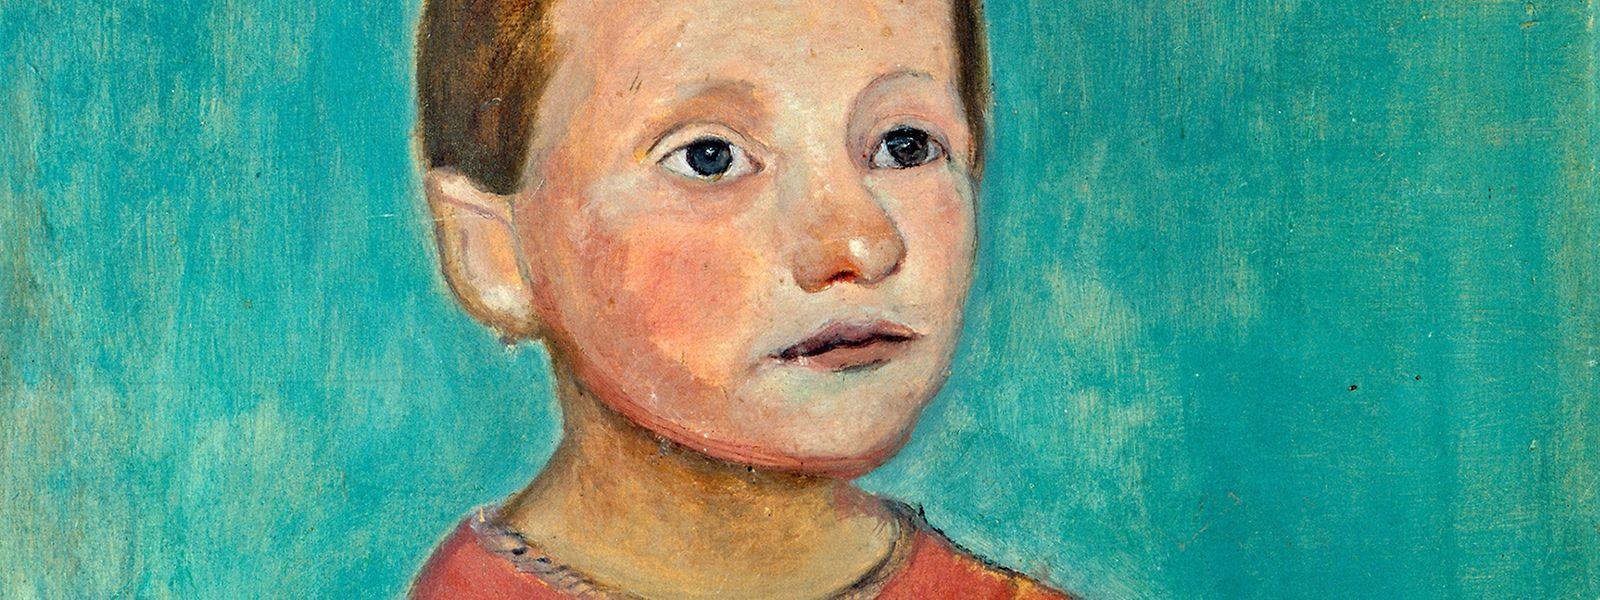 """""""Halbfigur eines Mädchens mit gelbem Kranz im Haar"""" ist eines der zentralen Werke der aktuellen Modersohn-Becker-Retrospektive in der Villa Vauban."""